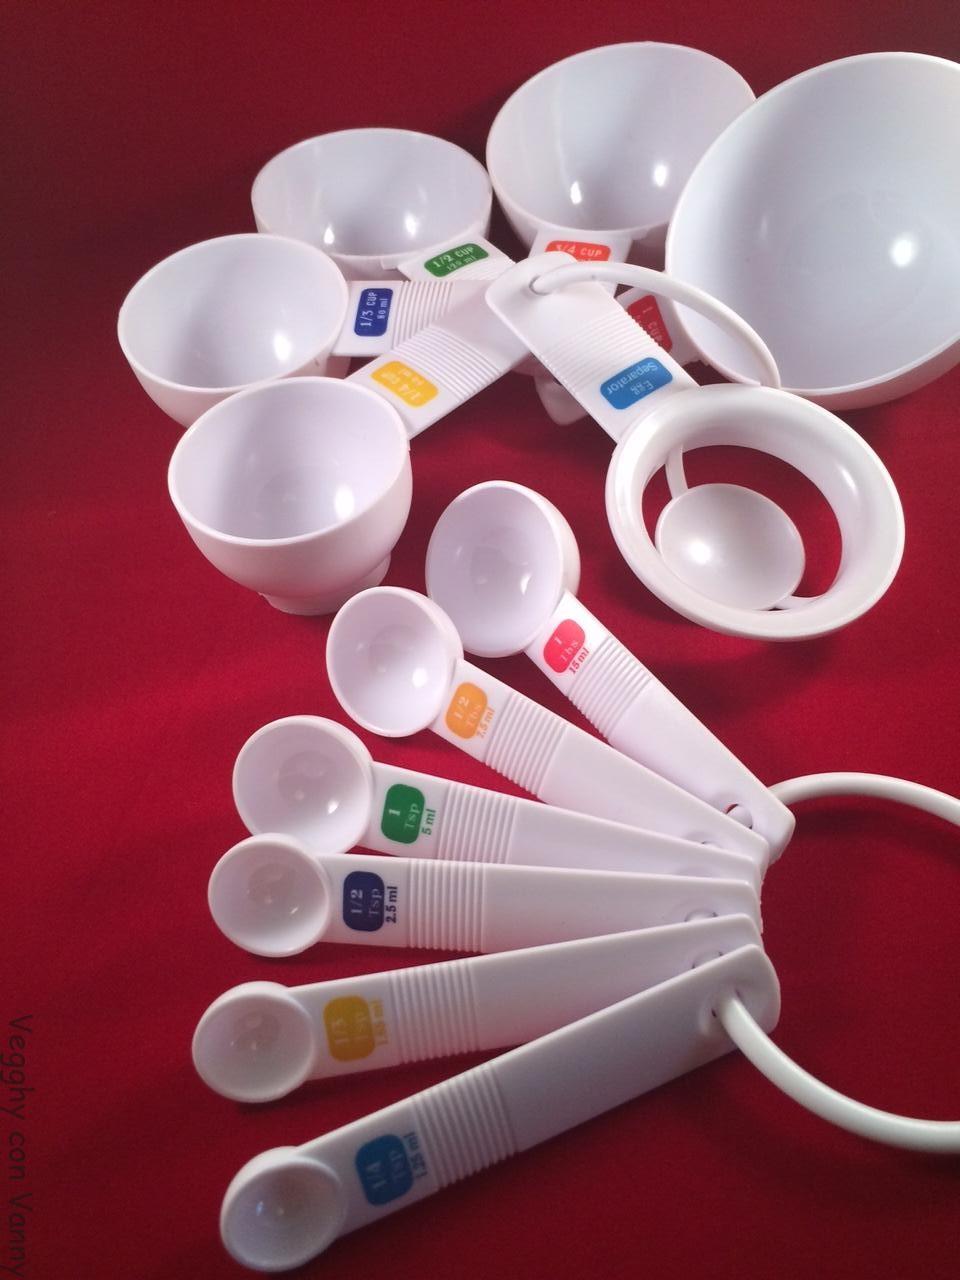 Unità di misura in cucina: tazze, tazzine, cucchiai e cucchiaini